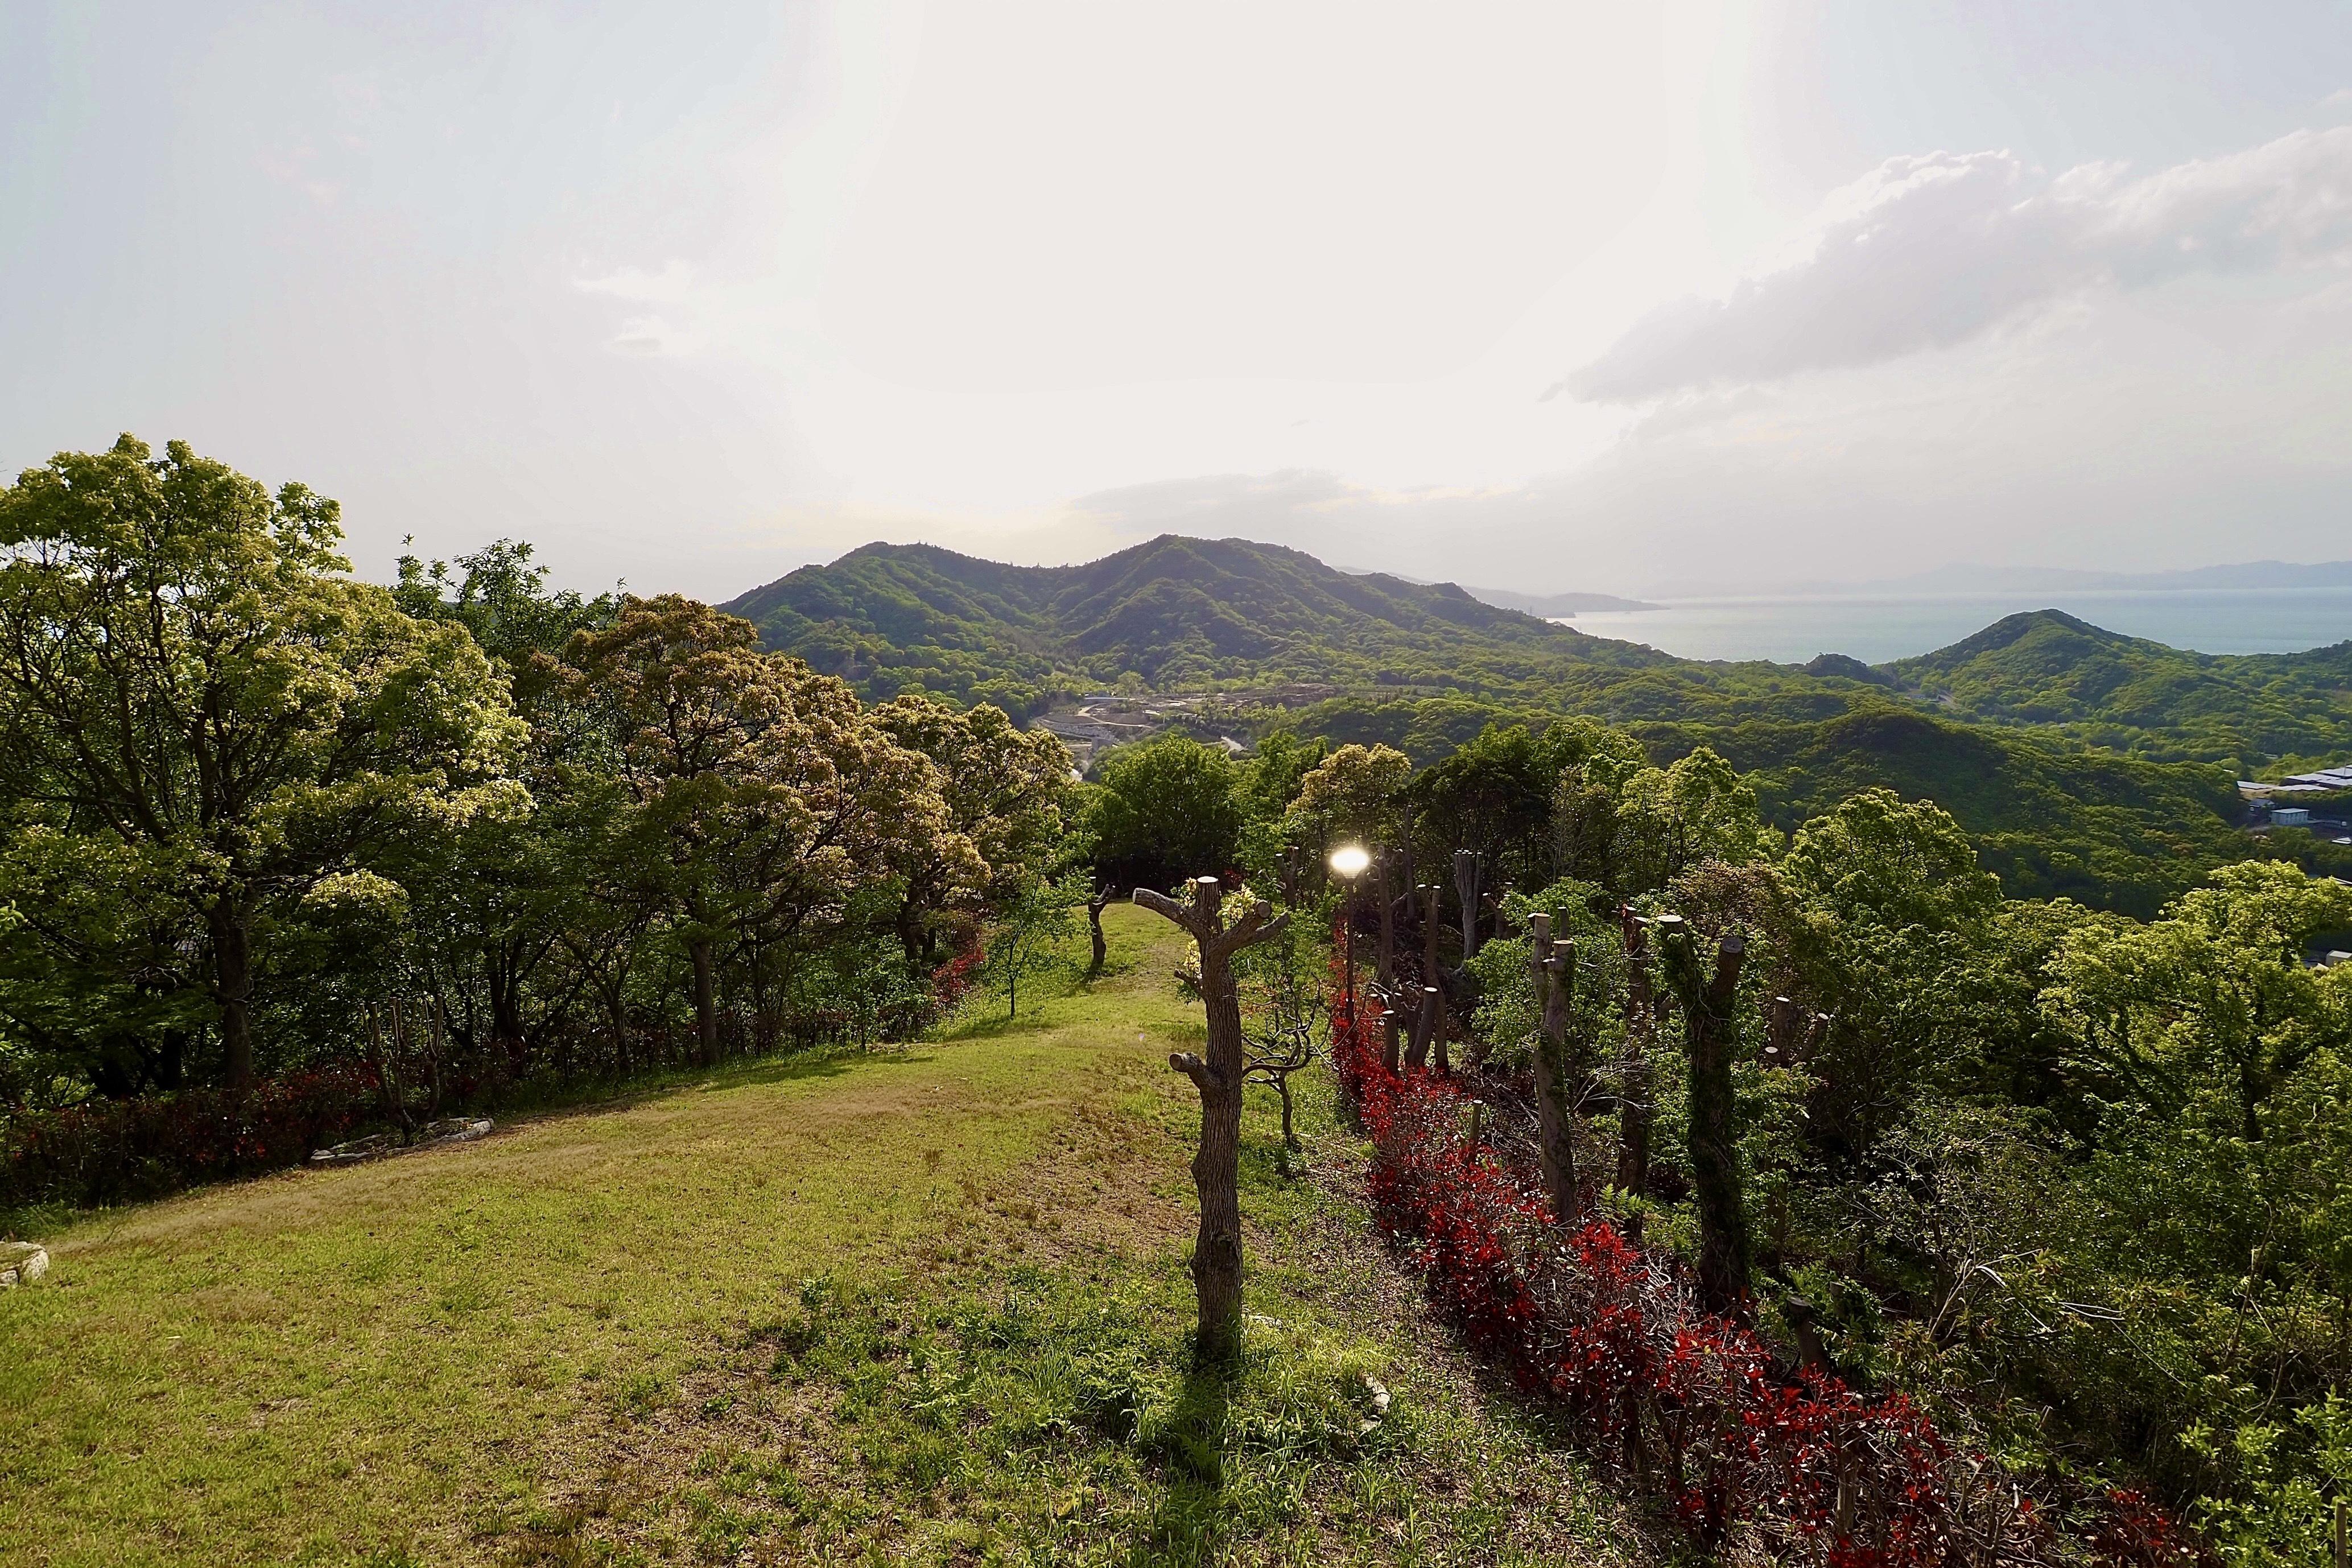 小豆島 絶景&グルメツーリング 高見山公園展望台 ハイキングコース 景色 絶景 瀬戸内